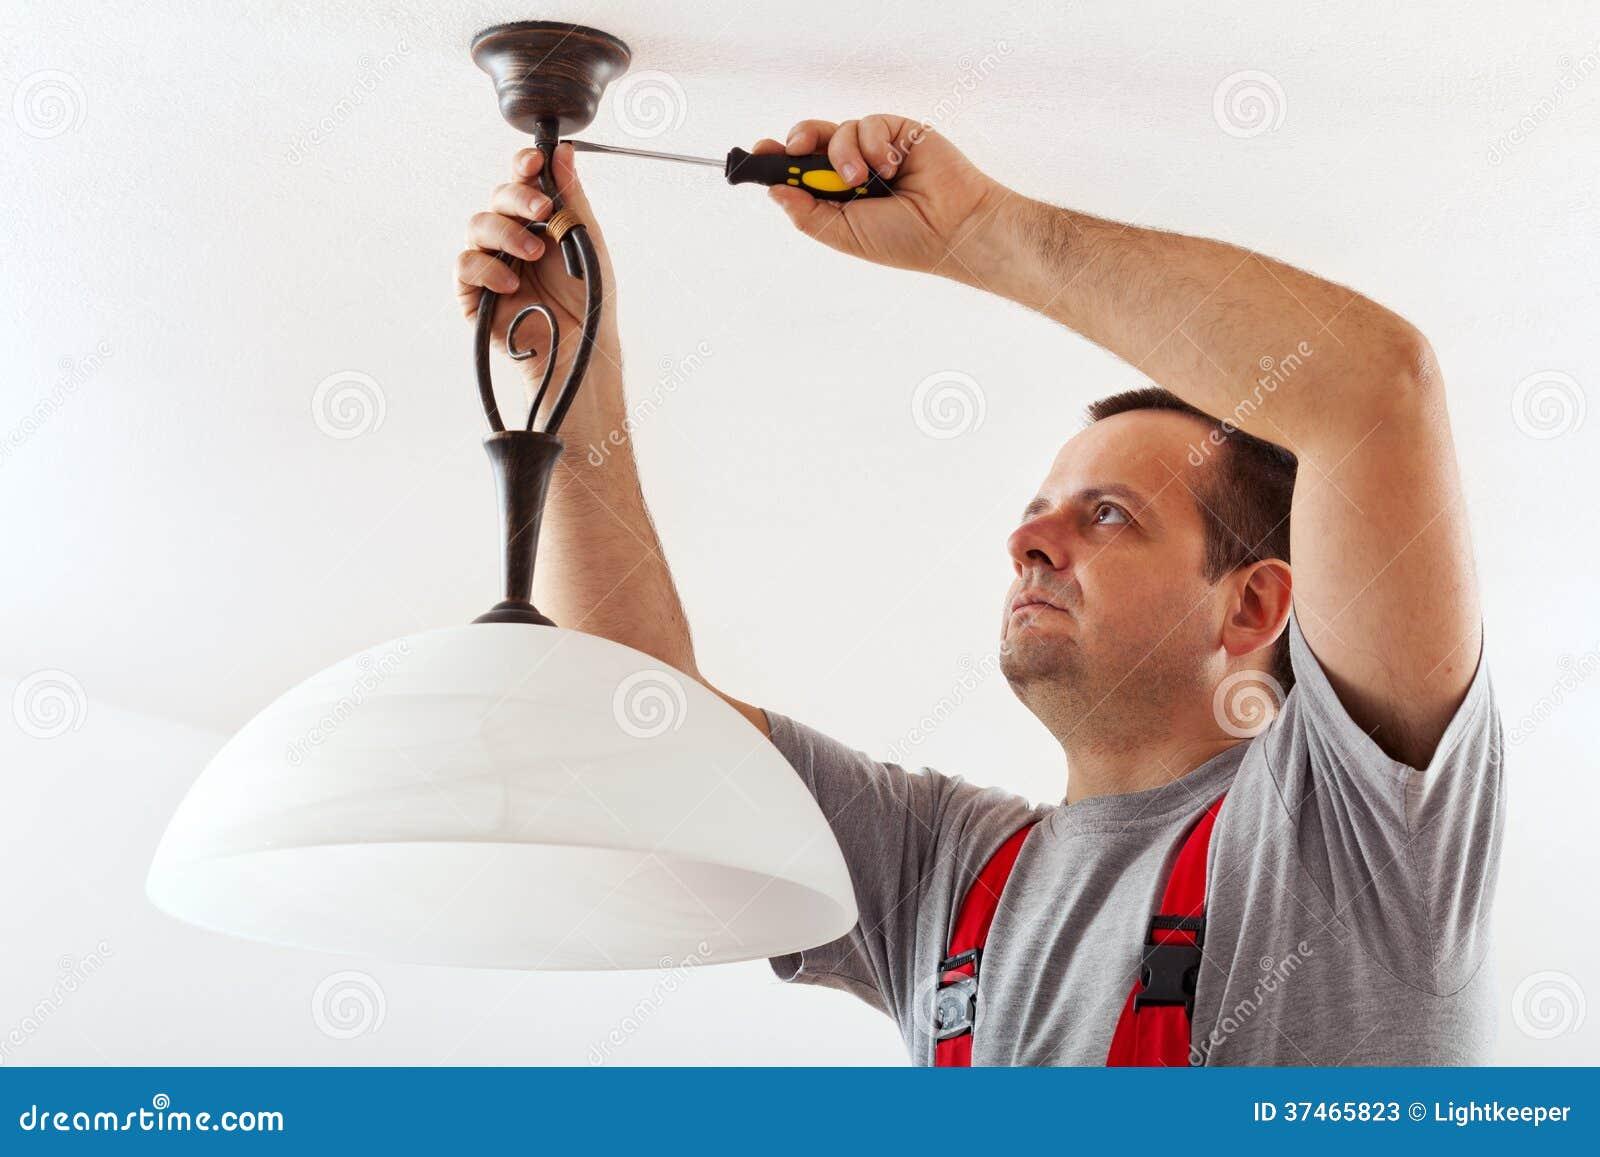 电工架置天花板灯